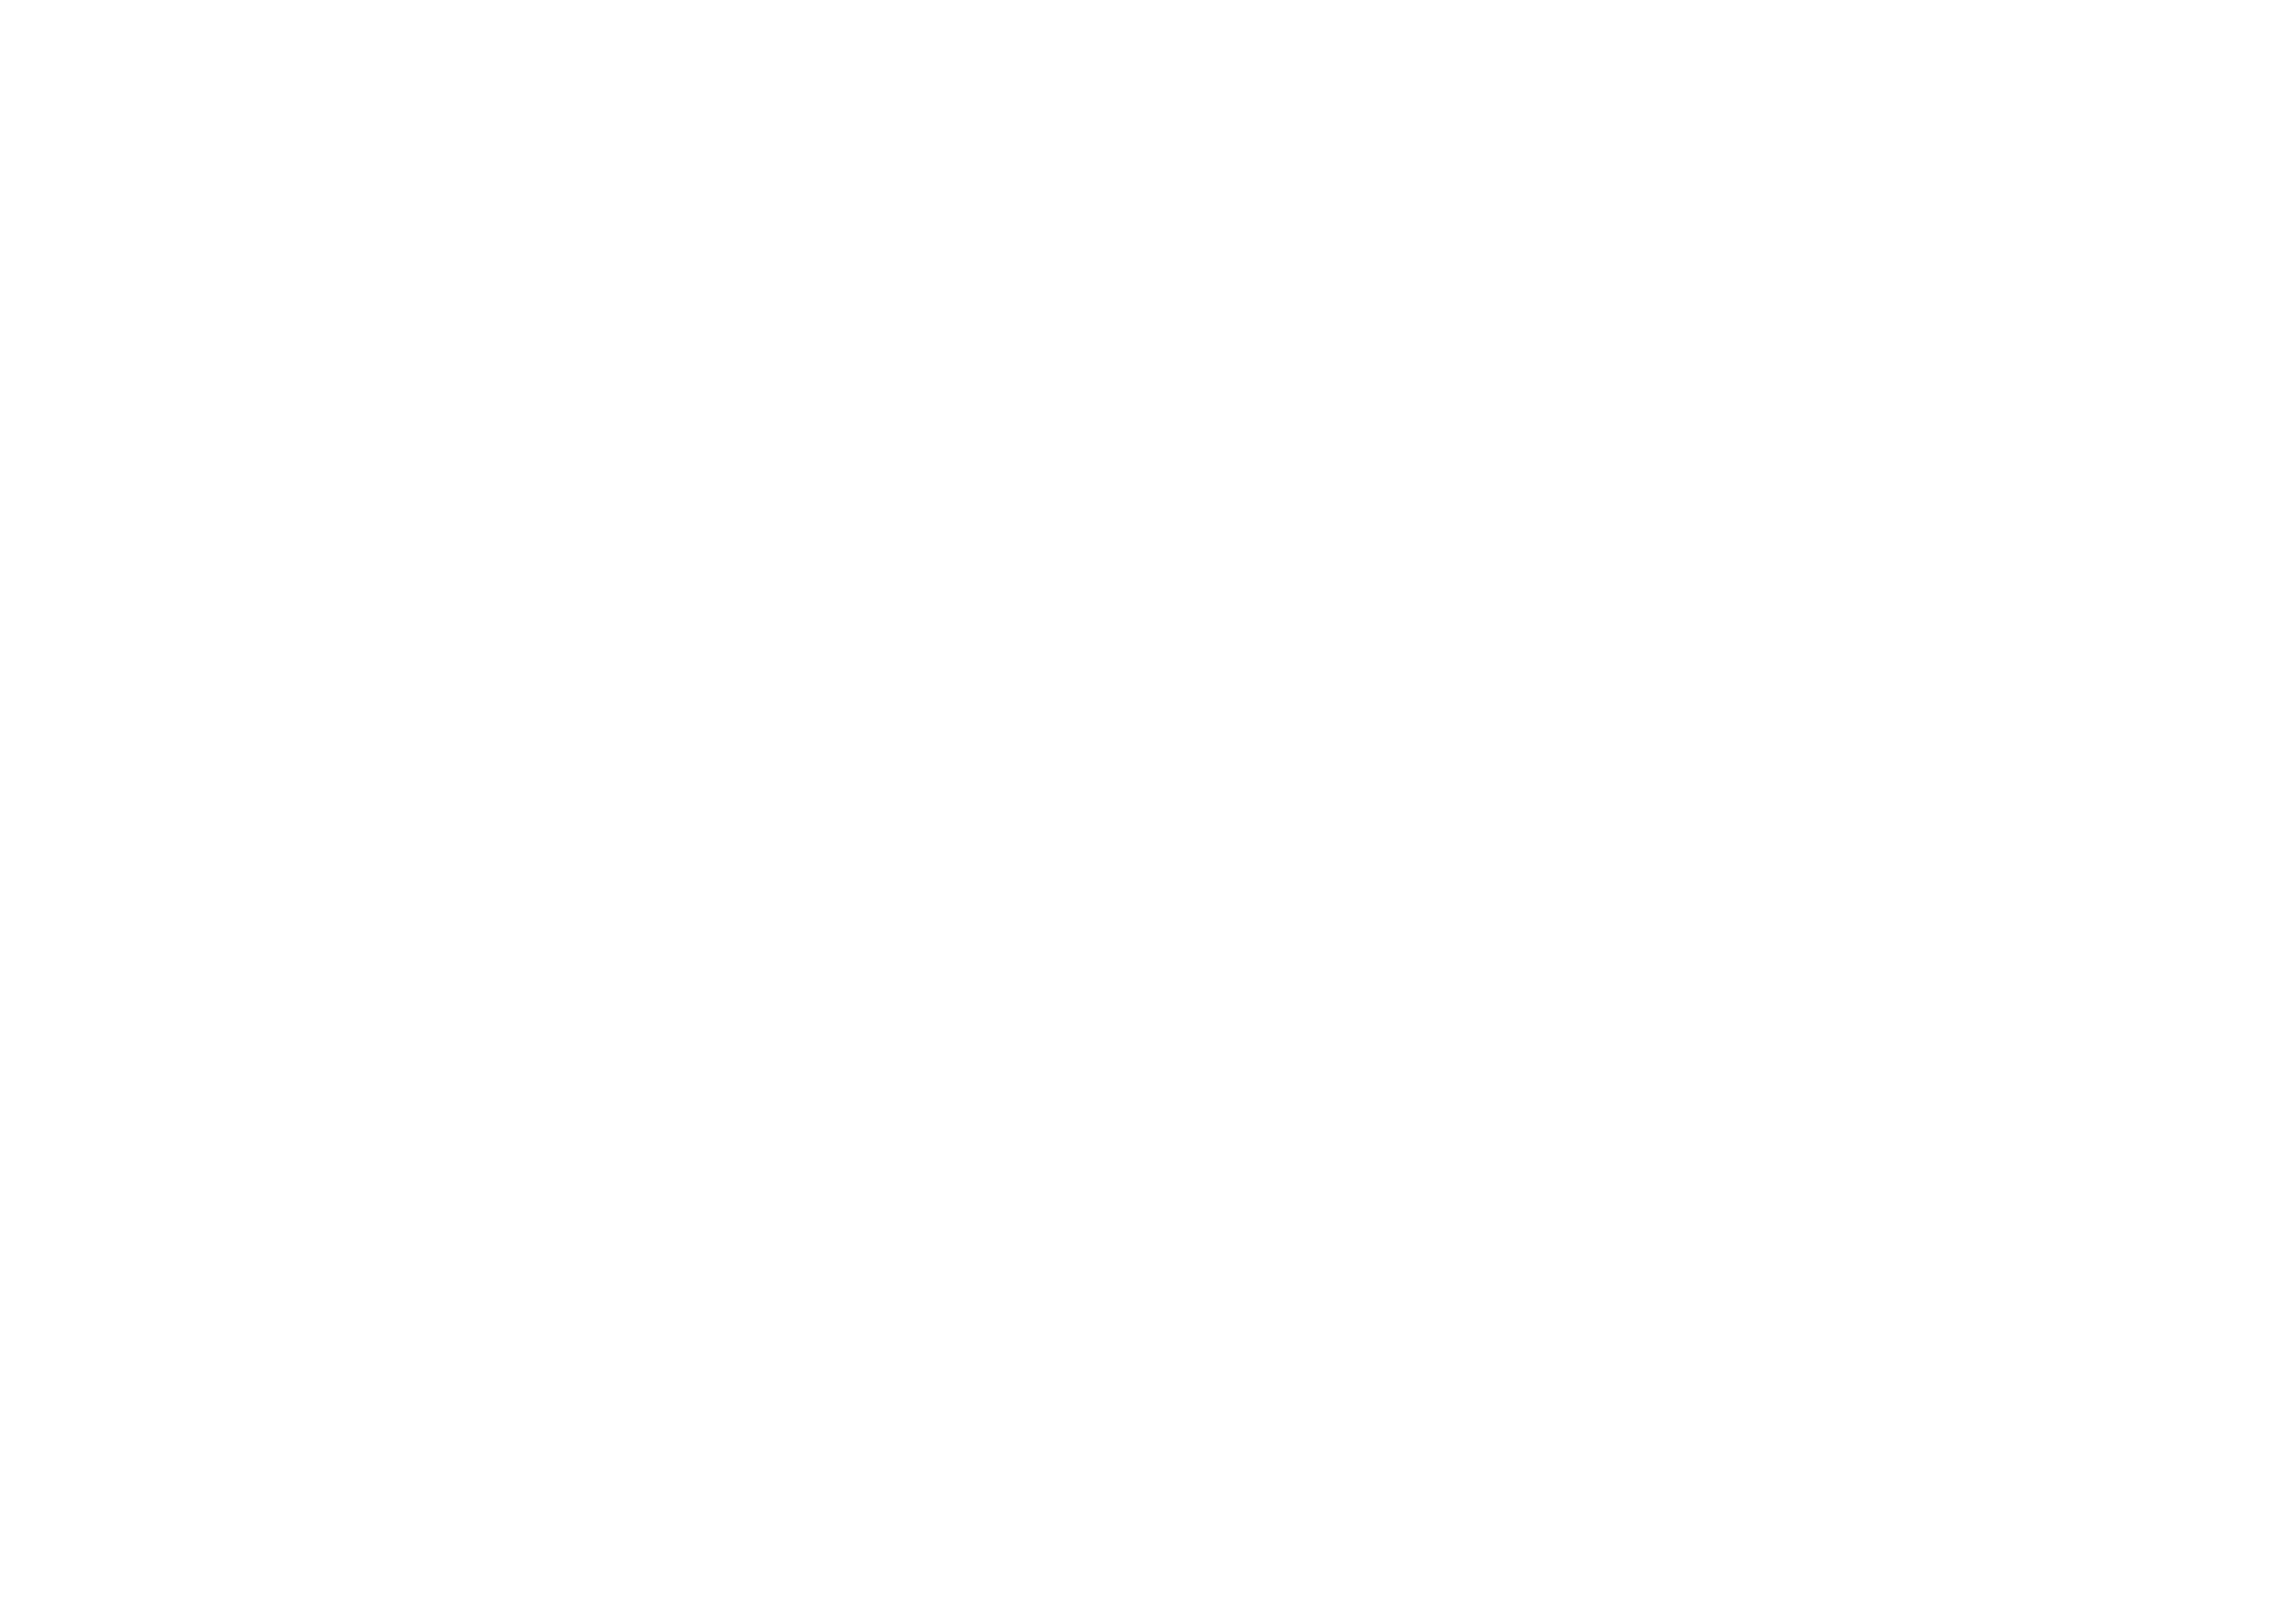 KoaMedia